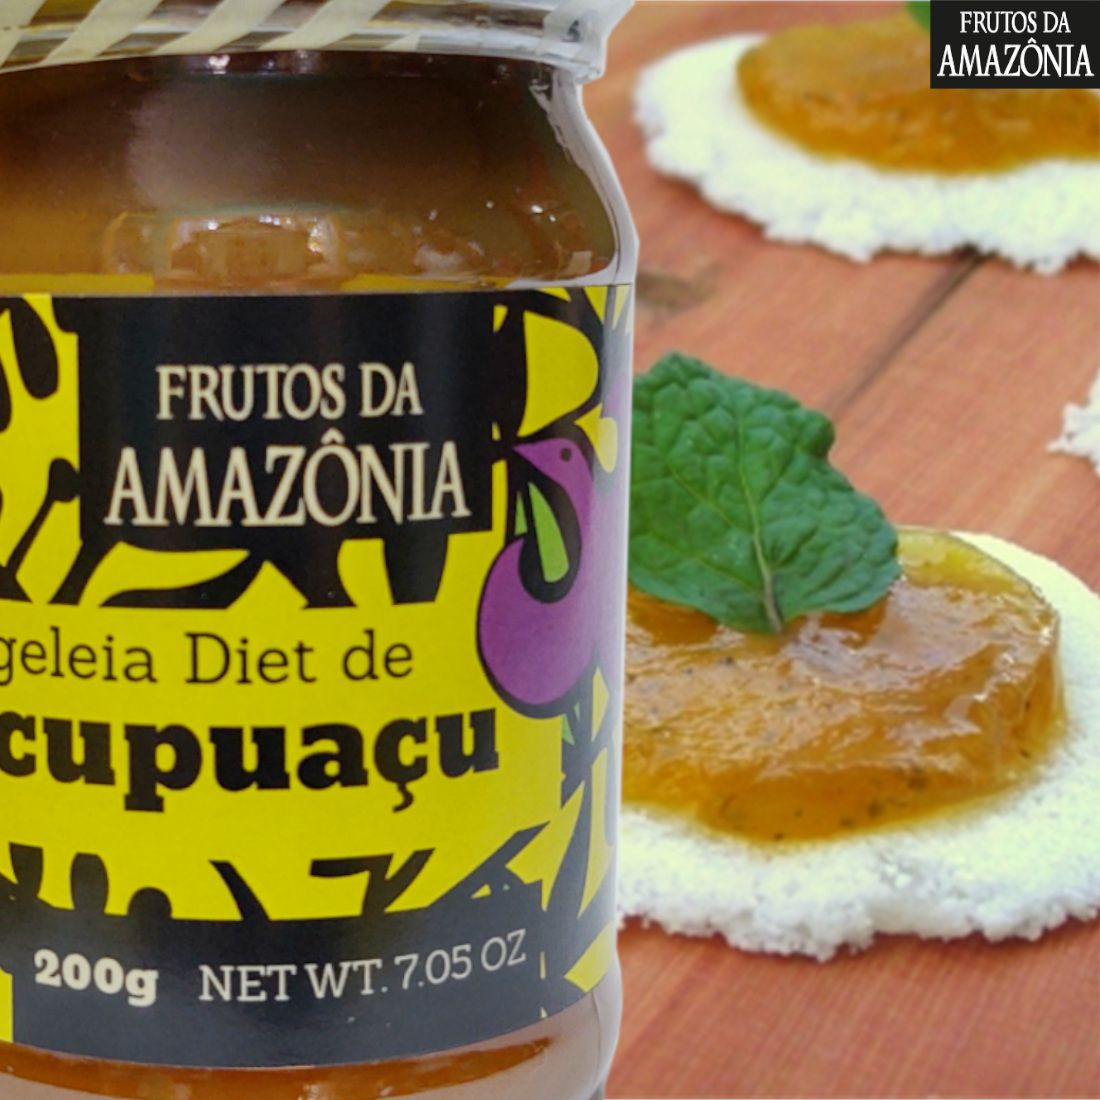 Geleia Diet de Cupuaçu